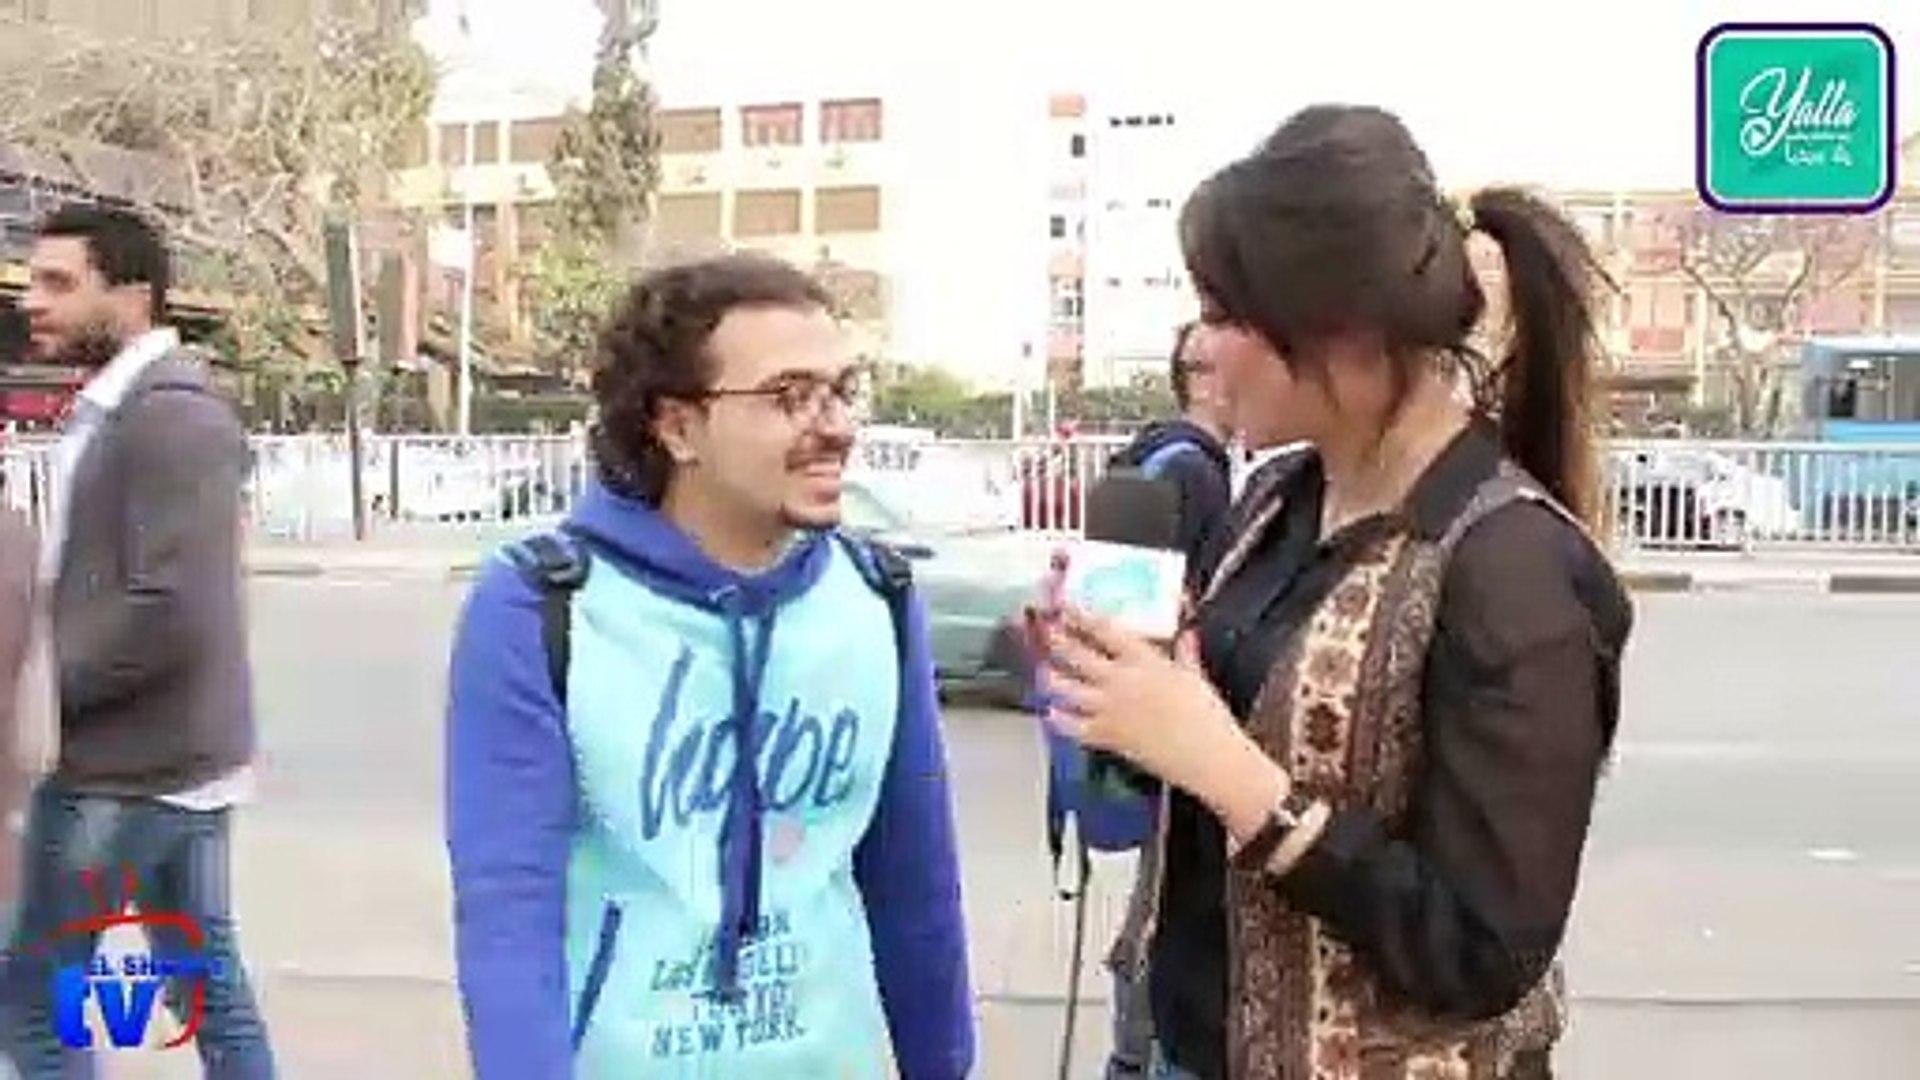 متعدد المواهب غناء و دوبلاج و تمثيل و تقليد الشيخ حسنى فى فيلم الكيت كات